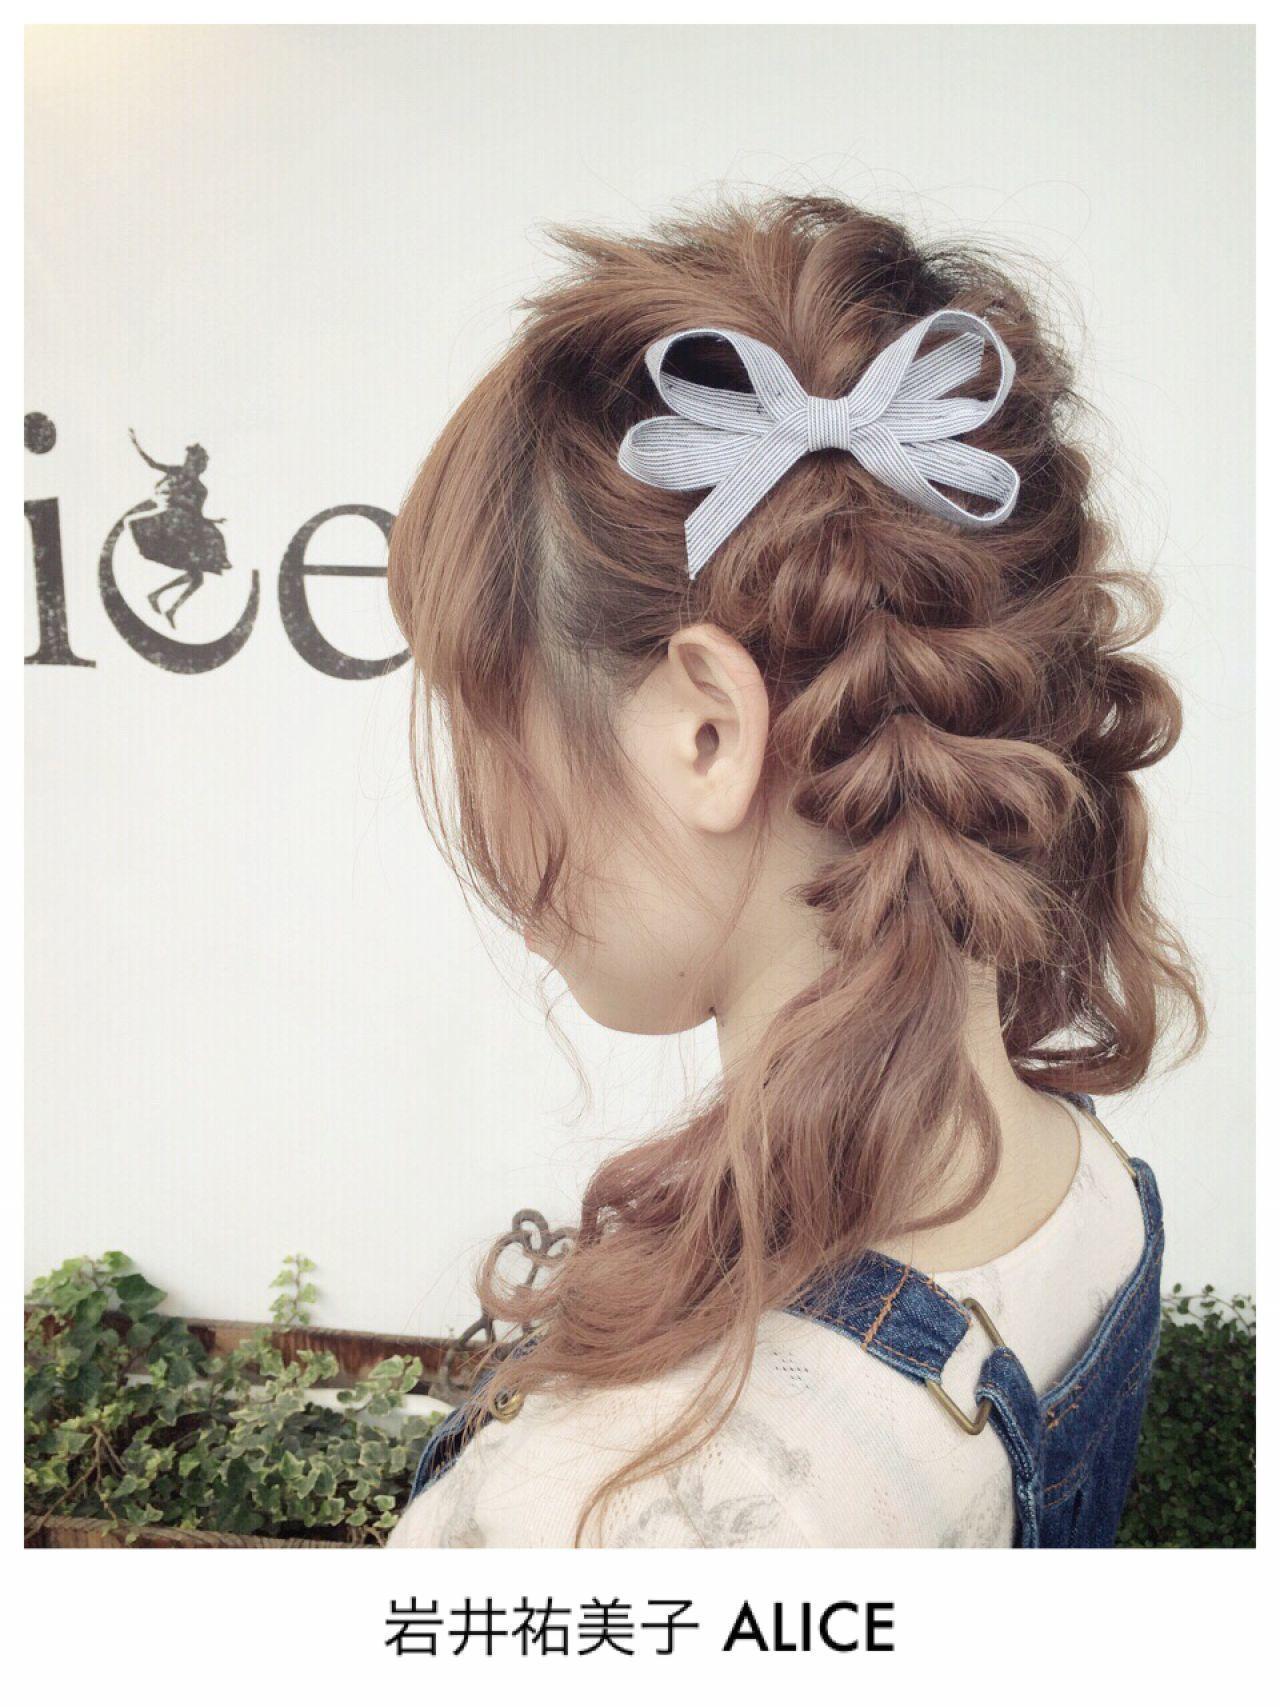 夏が来た!!夏フェス参加者必見♡おすすめ髪型8選の19枚目の画像